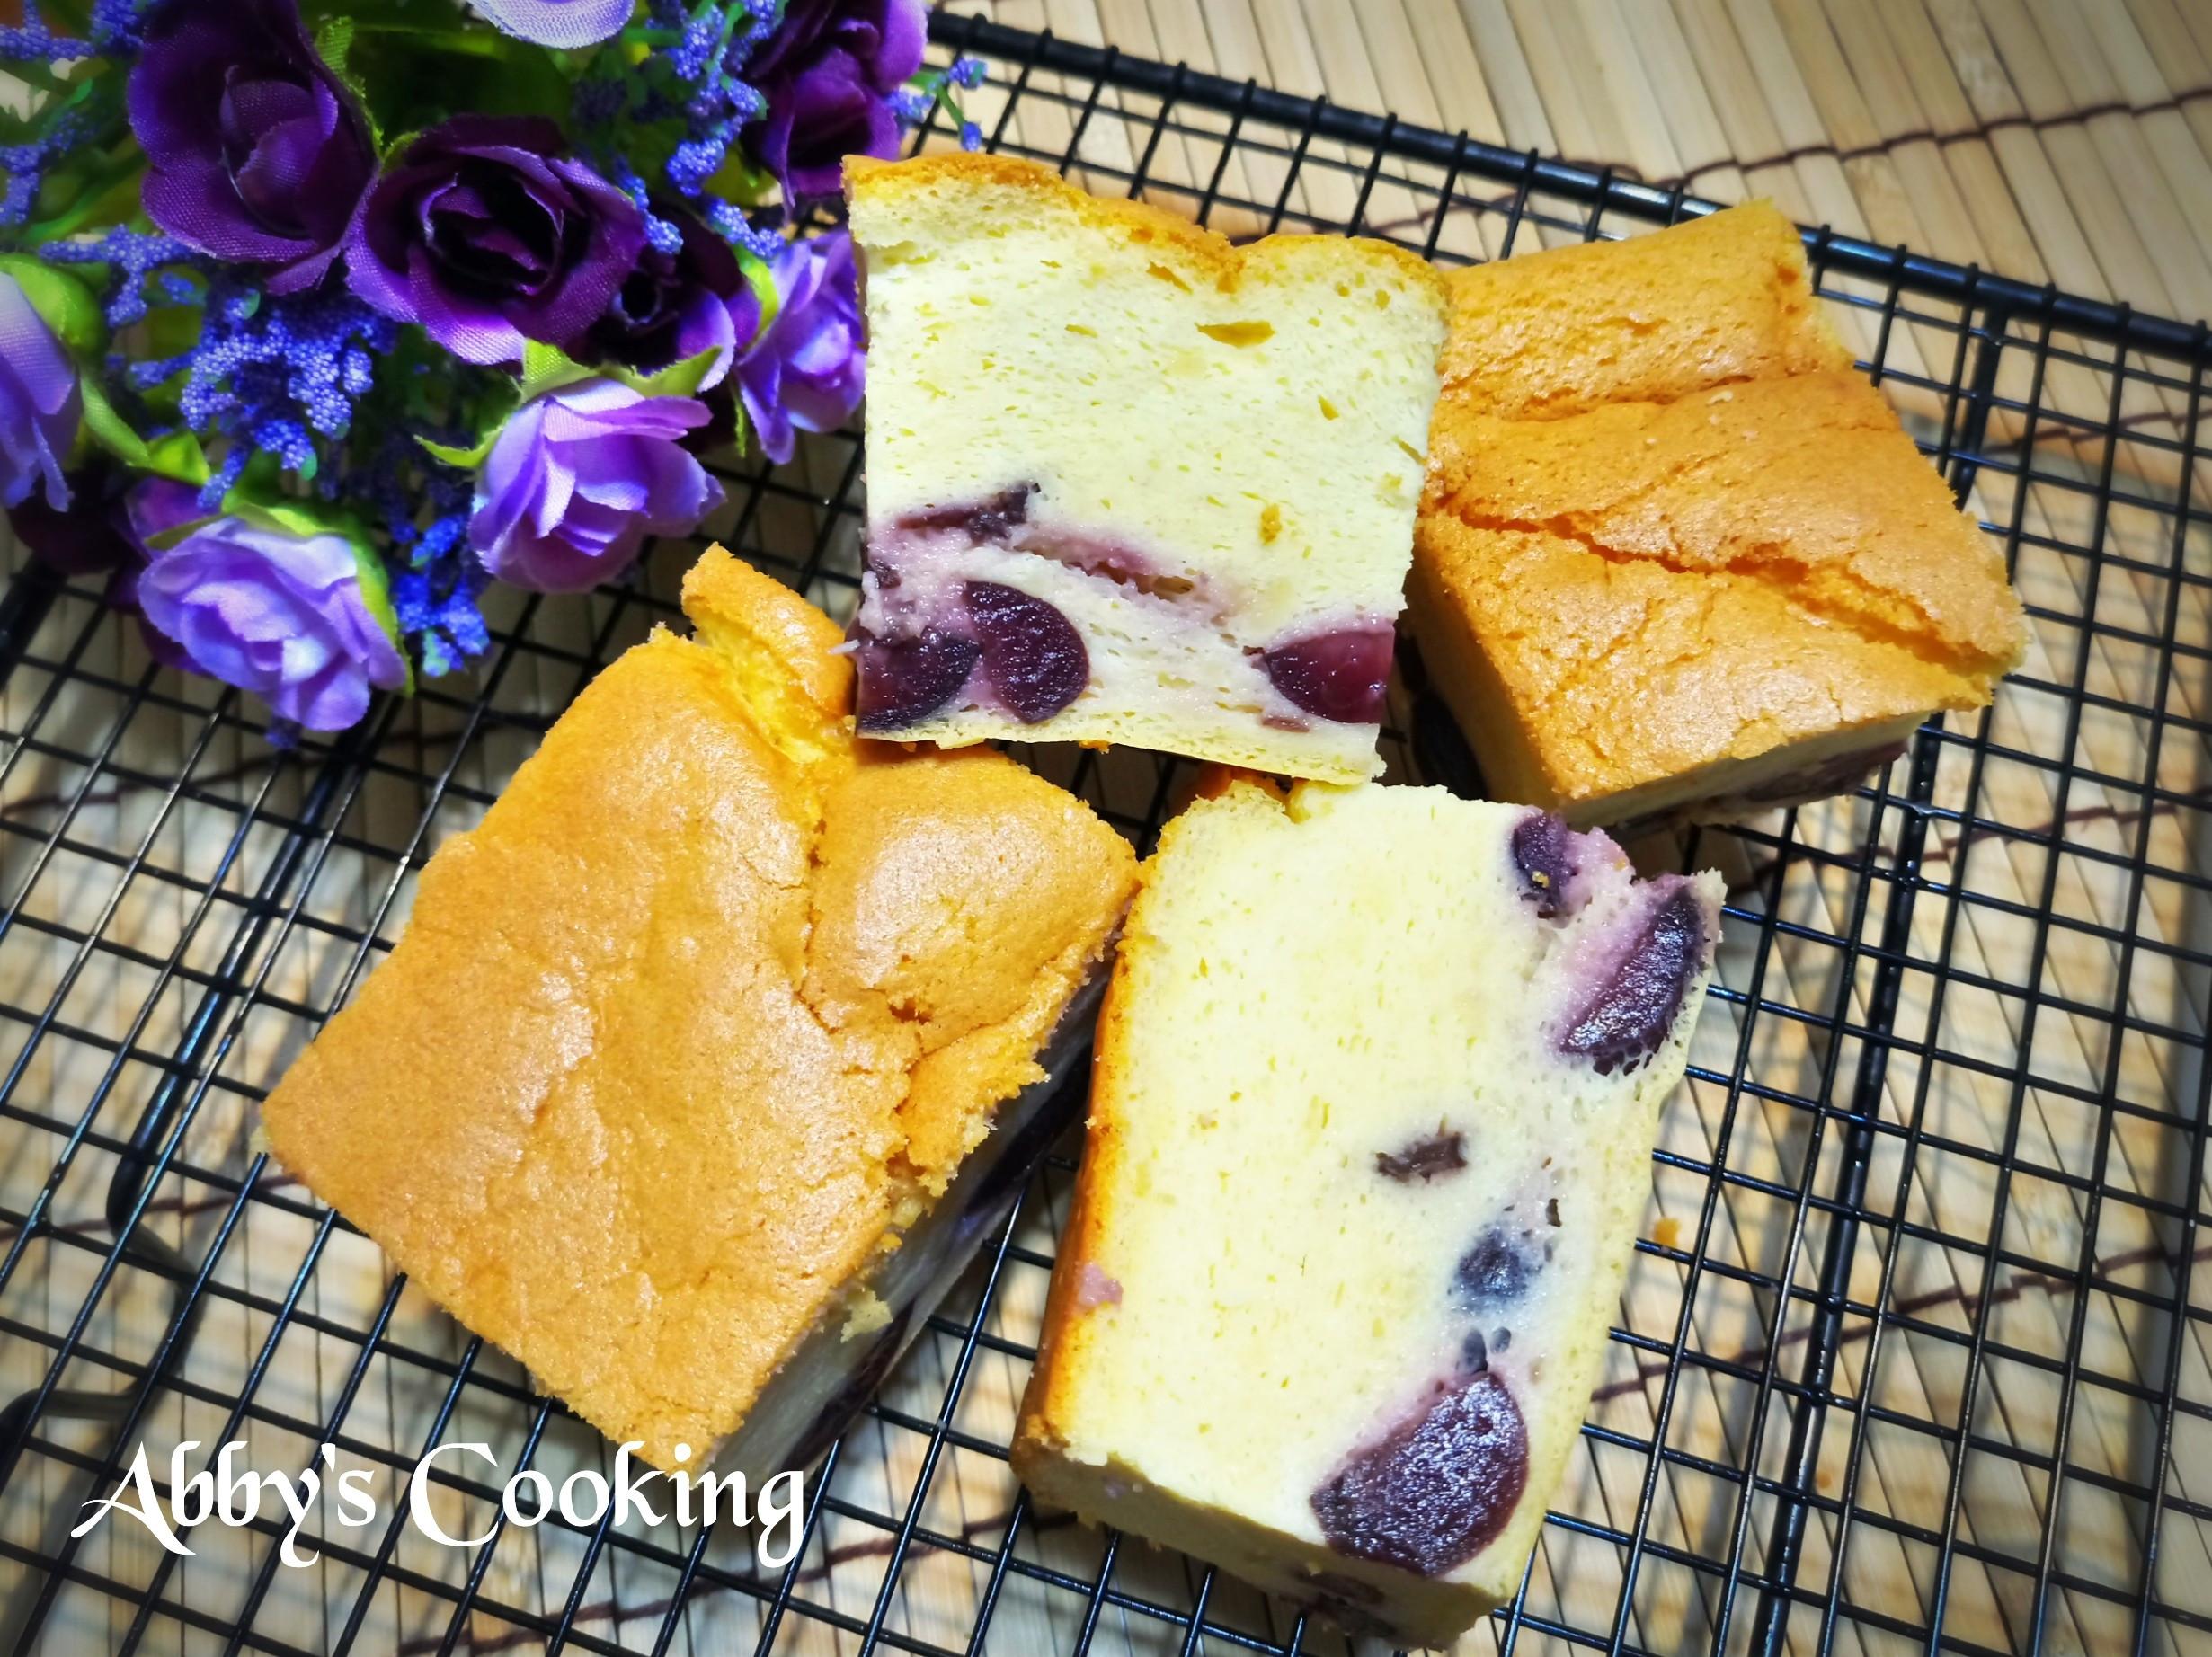 櫻桃舒芙蕾乳酪蛋糕